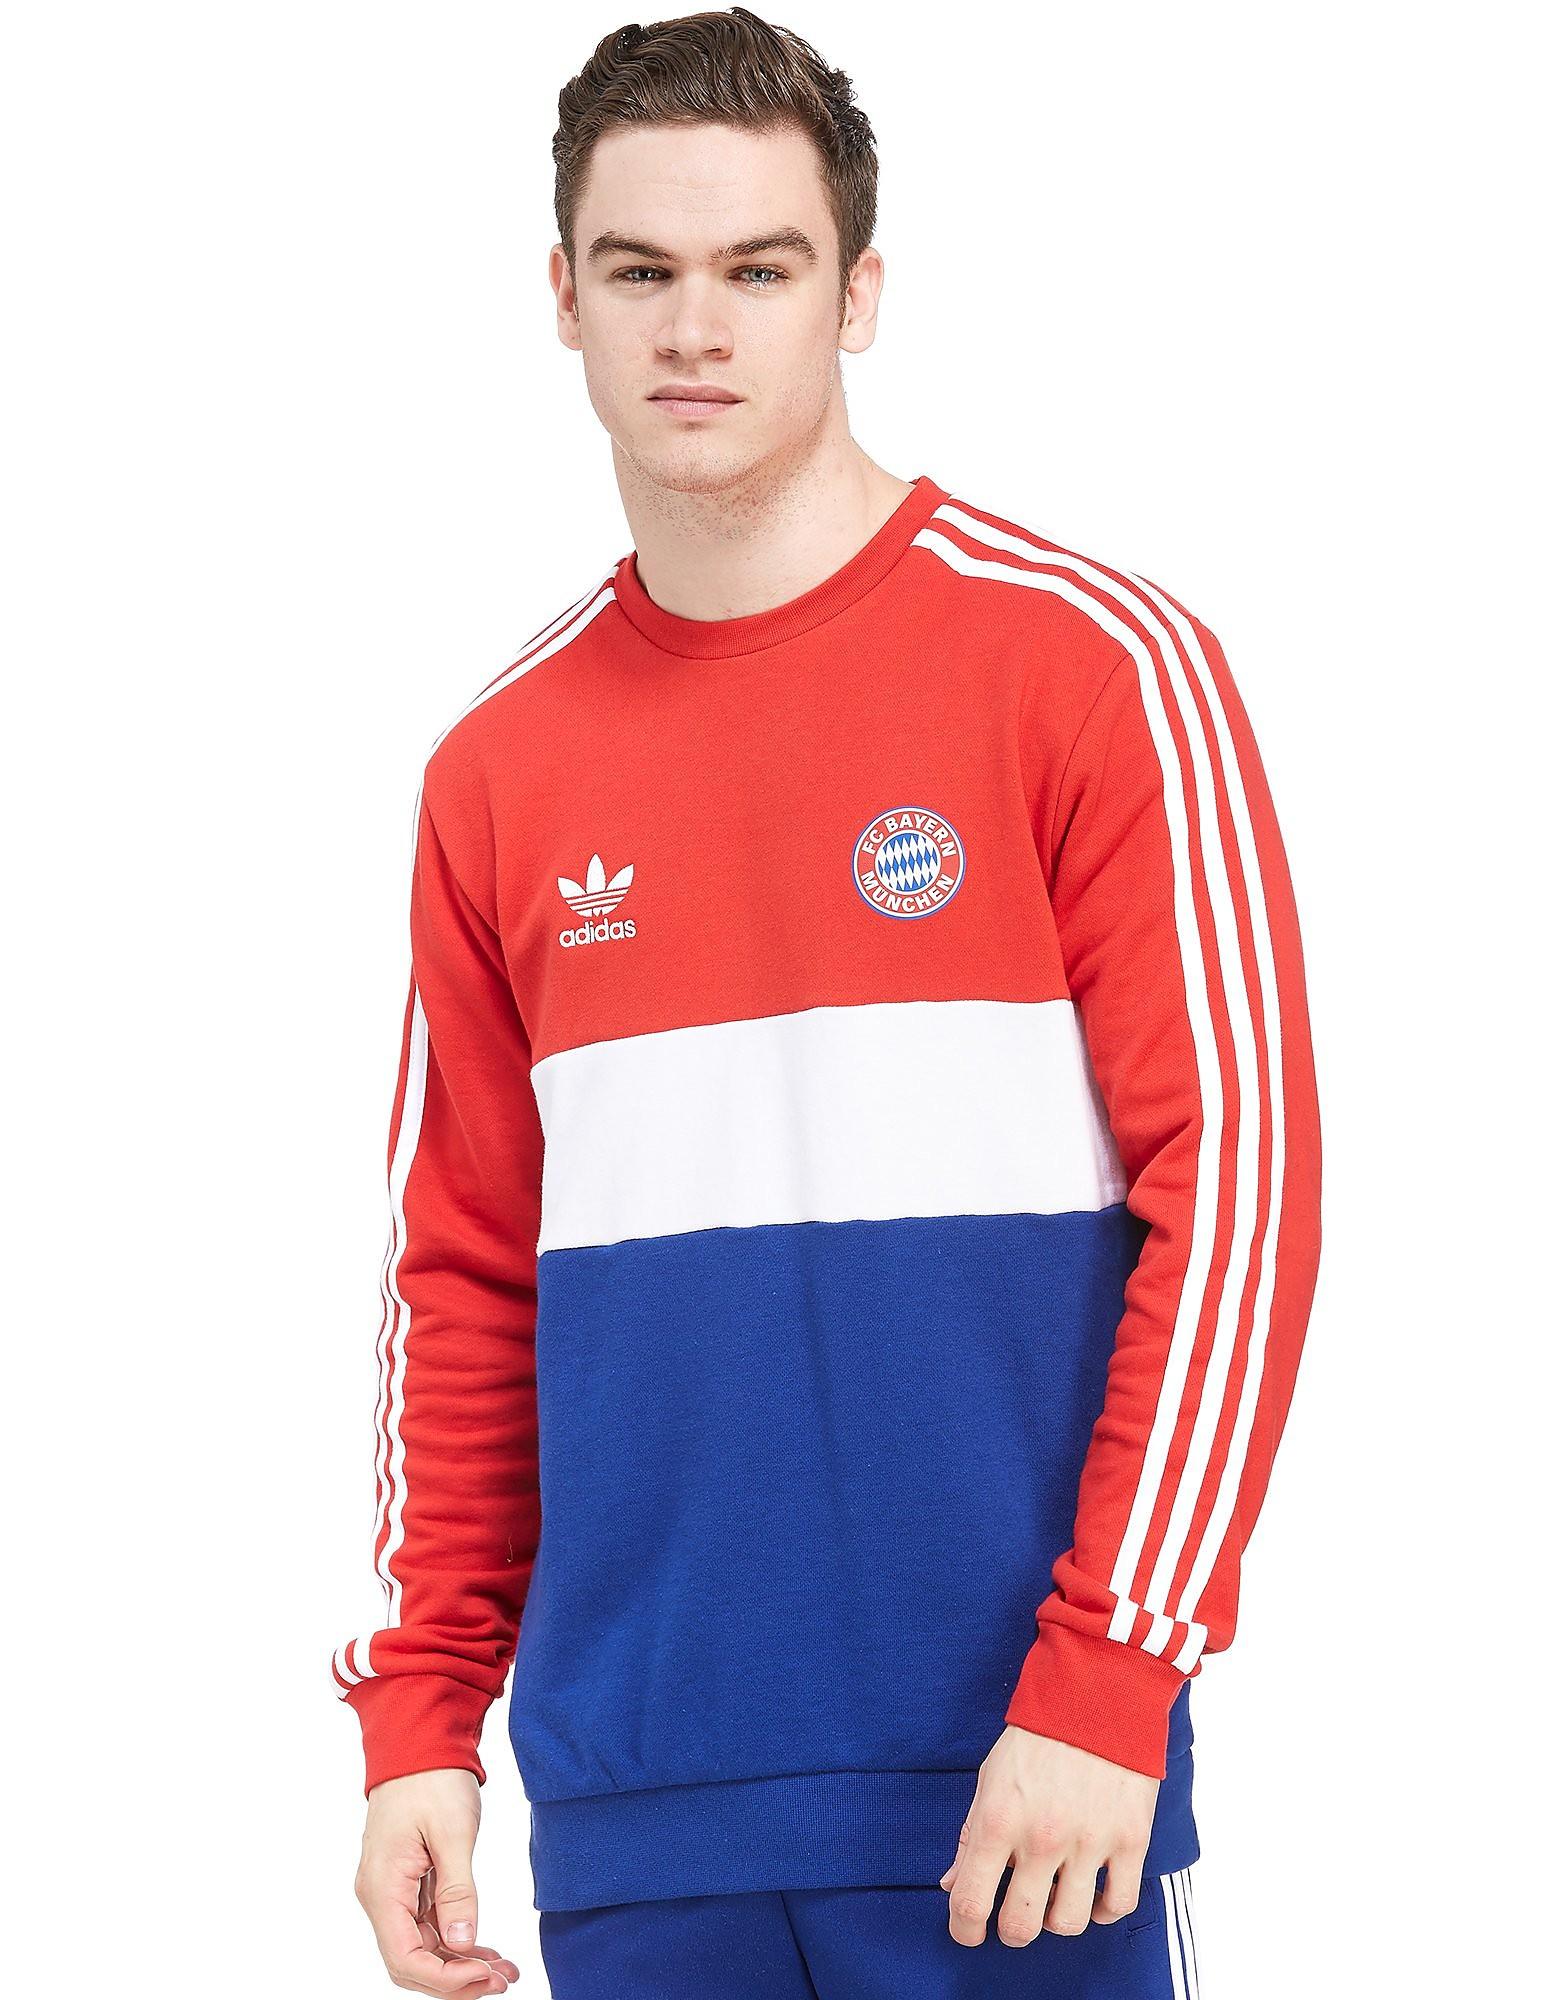 adidas Originals FC Bayern Munich Crew Sweatshirt